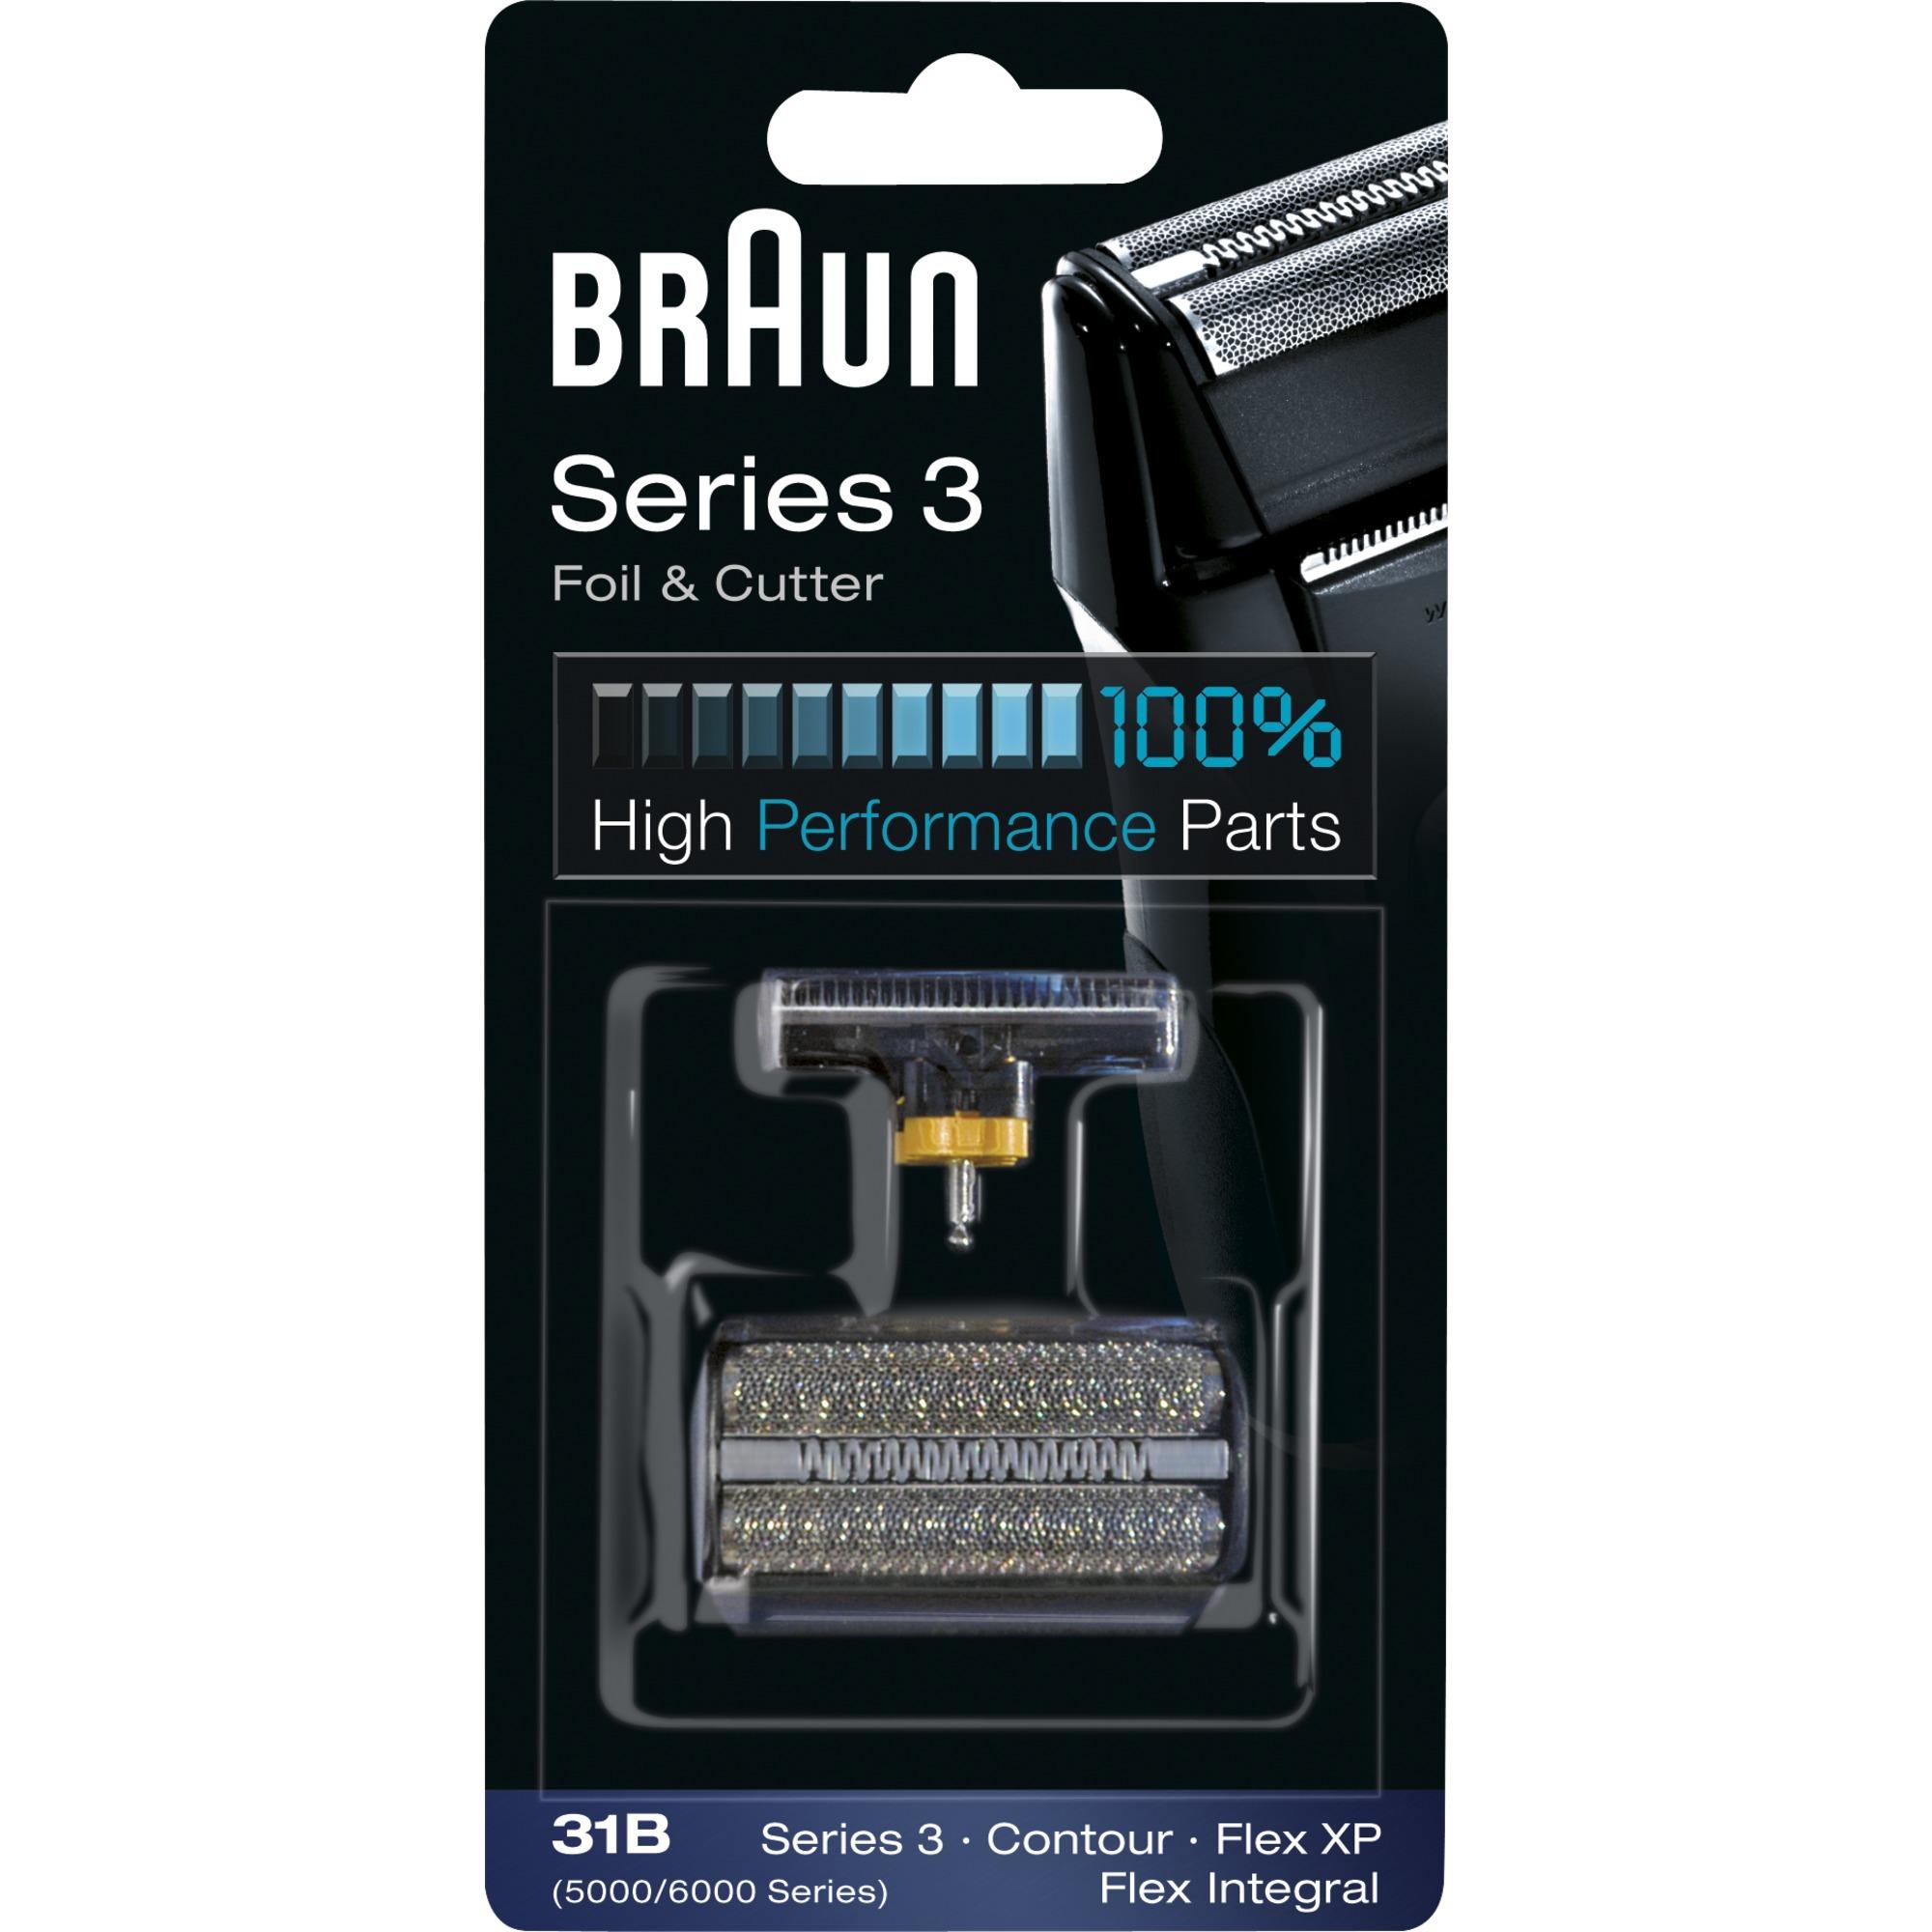 BR-KP505 Accesorios para máquinas de afeitar, Cabezal de afeitado